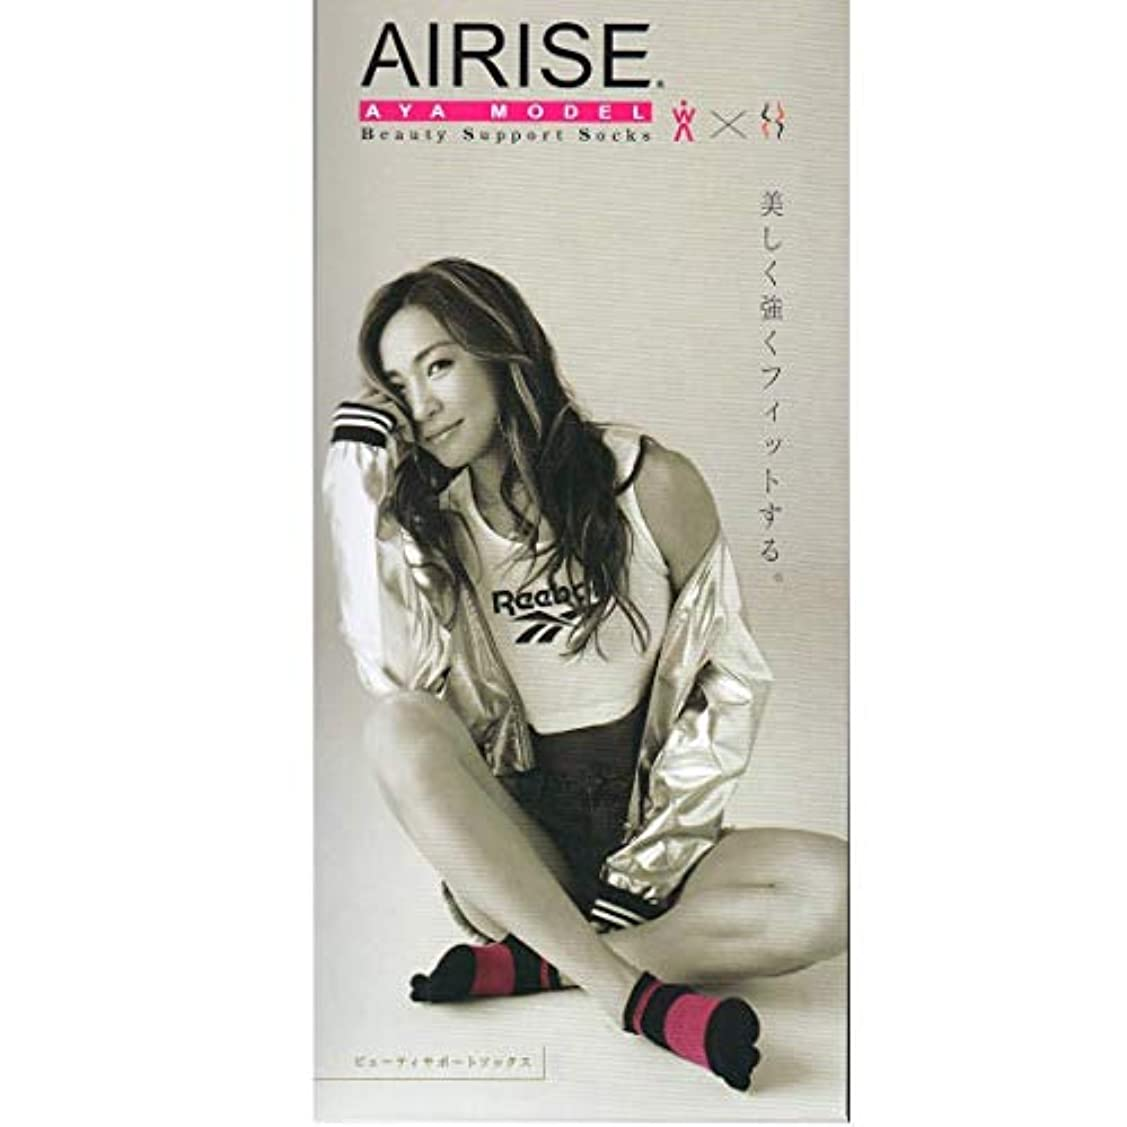 くしゃみ参照月曜日AIRISE AYA MODEL ( エアライズ アヤモデル )ビューティーサポートソックス